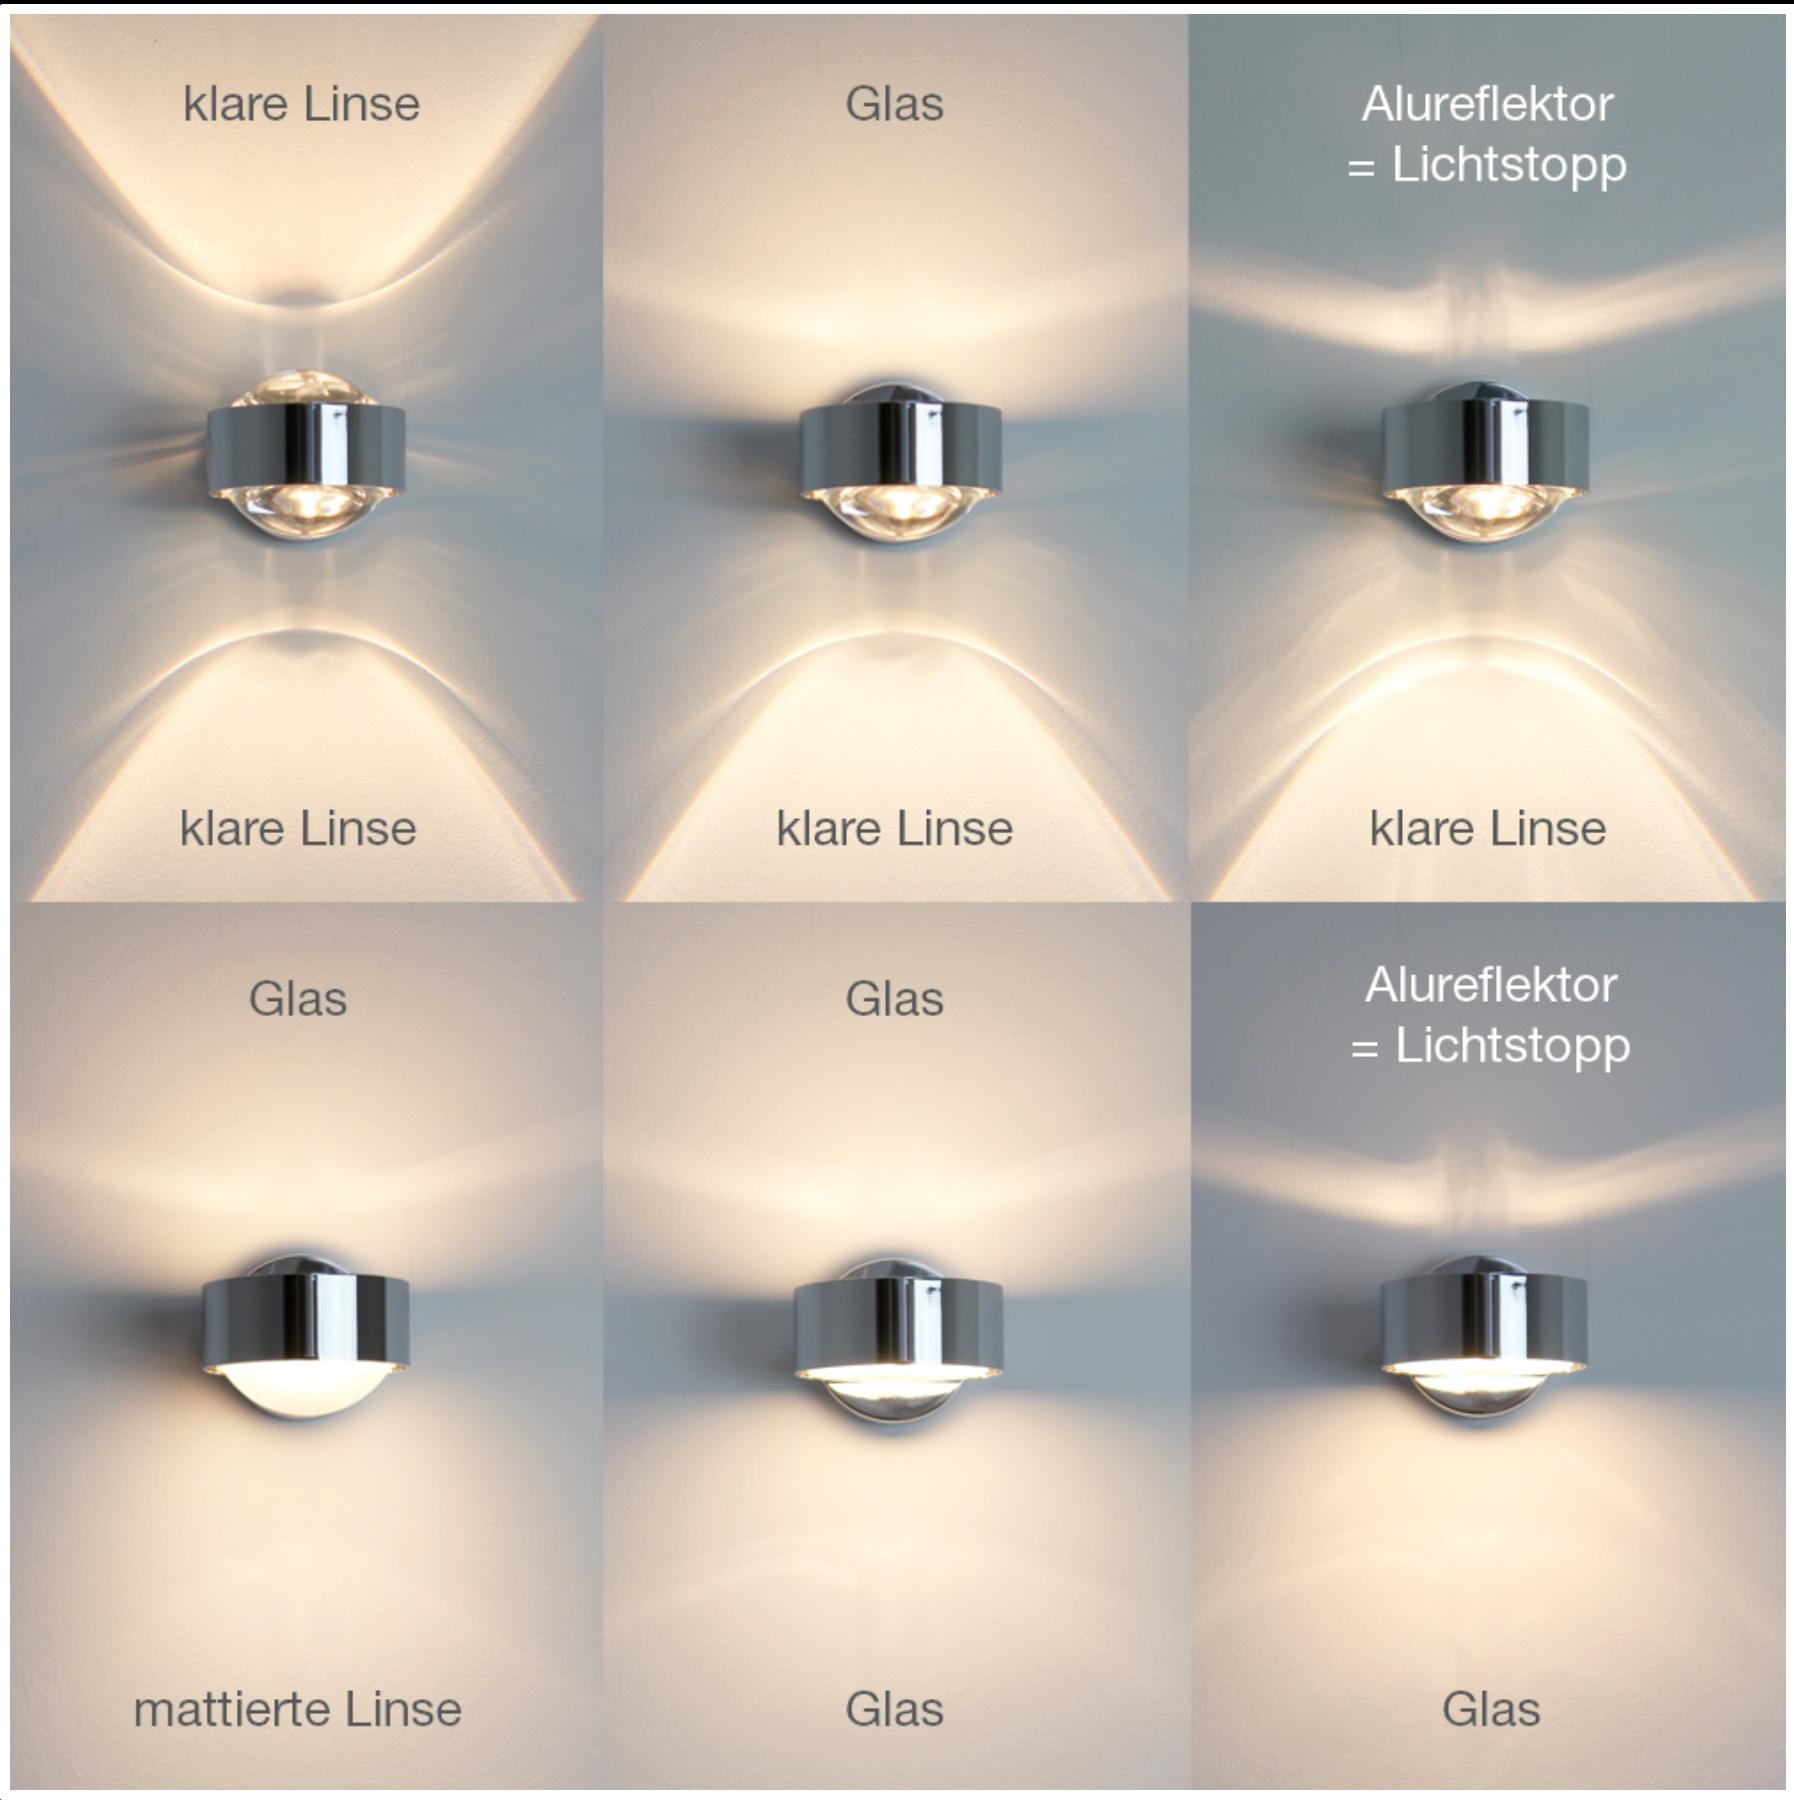 Top Light Puk Glas Lens Met Afbeeldingen Binnenverlichting Garage Verlichting Huisverlichting